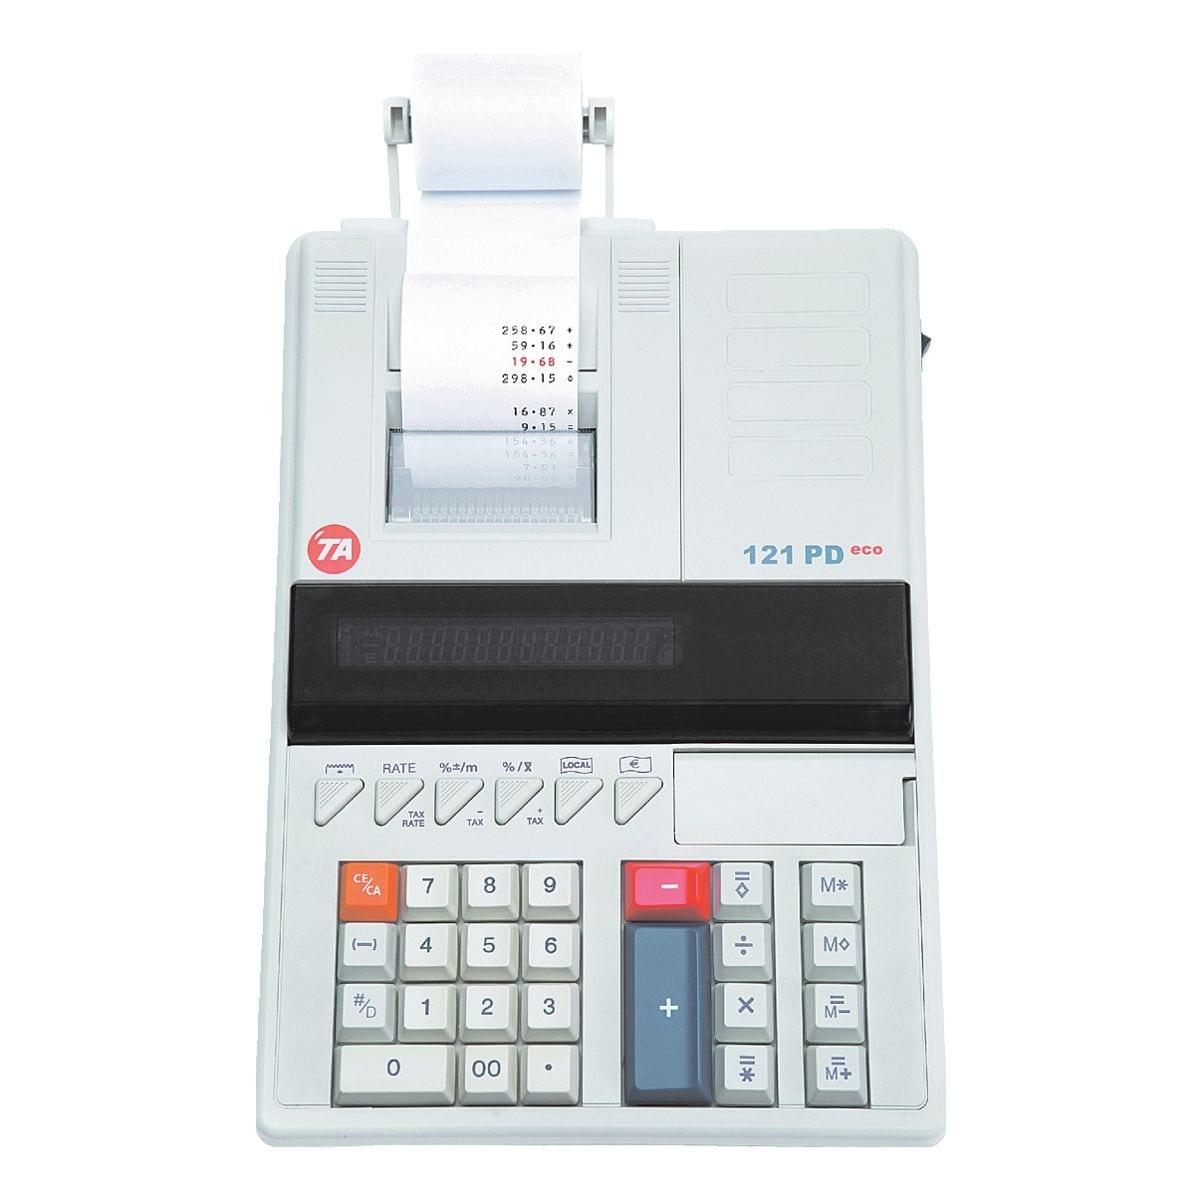 Triumph Adler Druckender Tischrechner »TA 121 PD Eco«